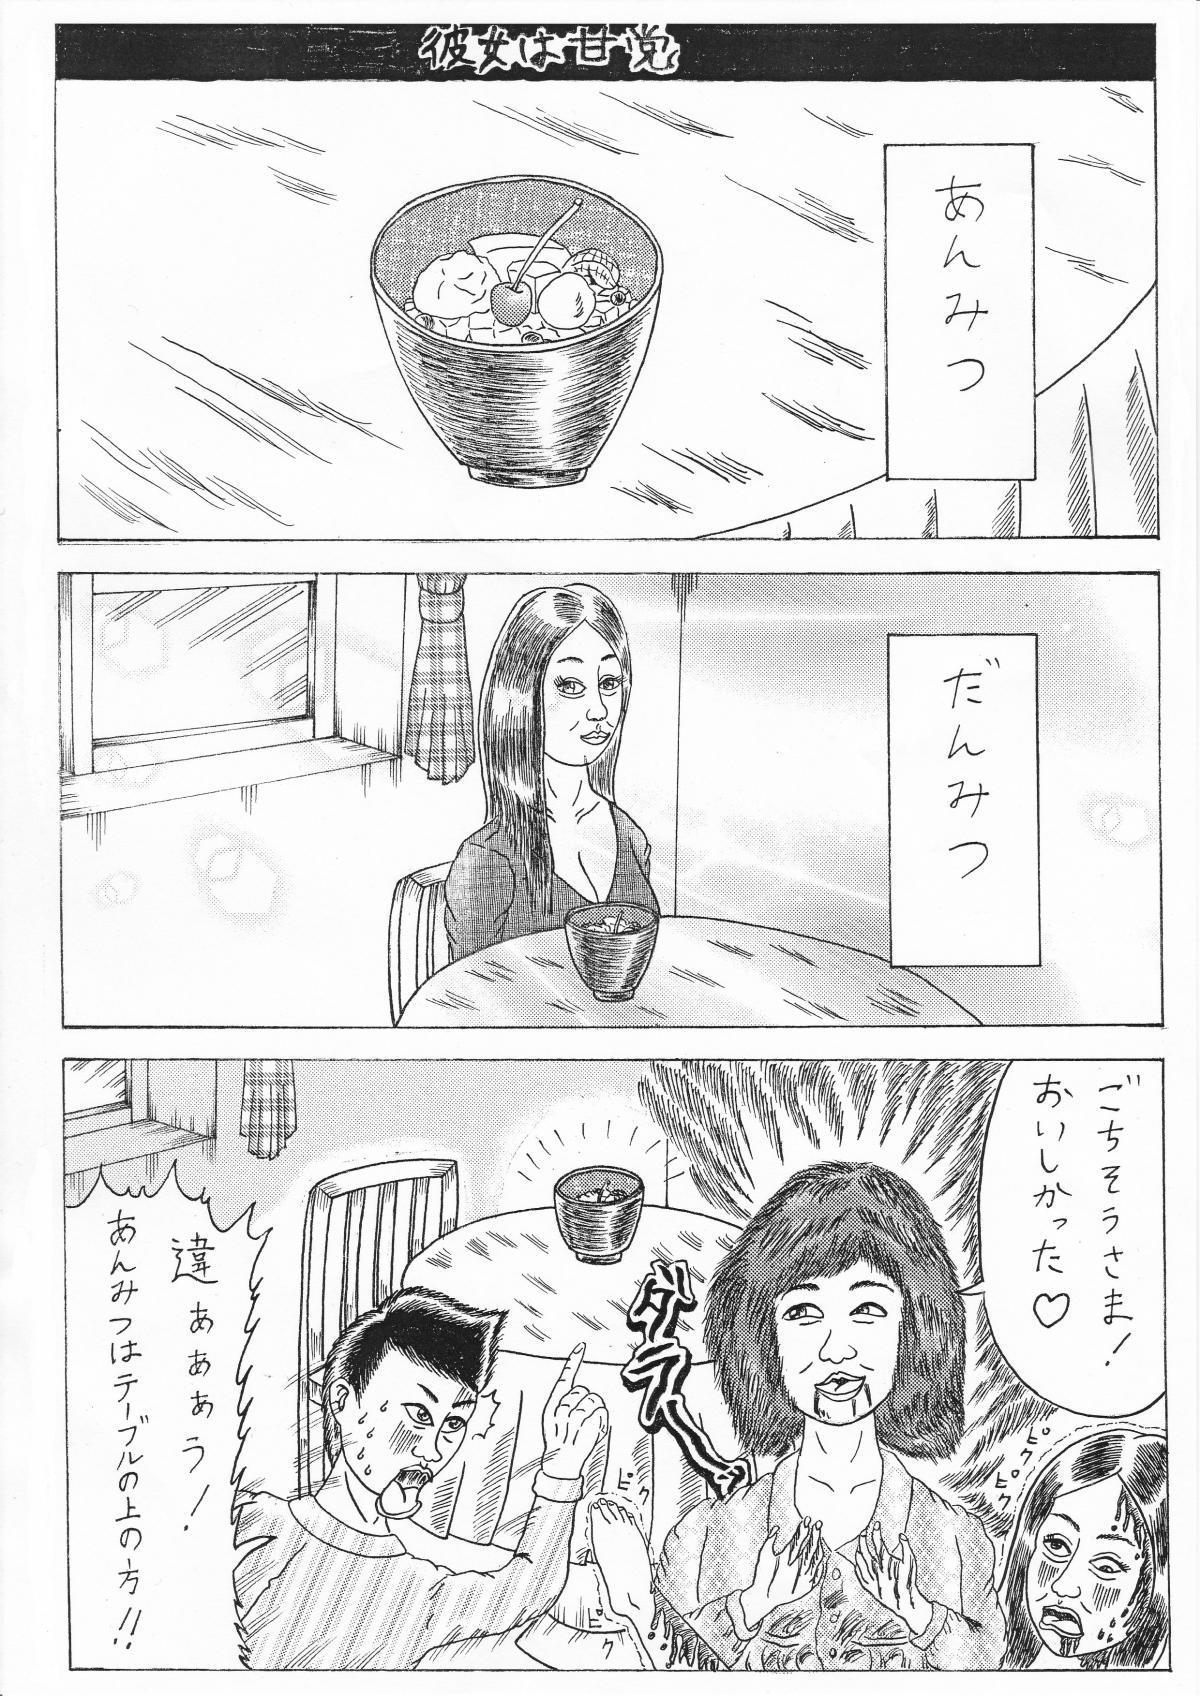 kanojowaamatou